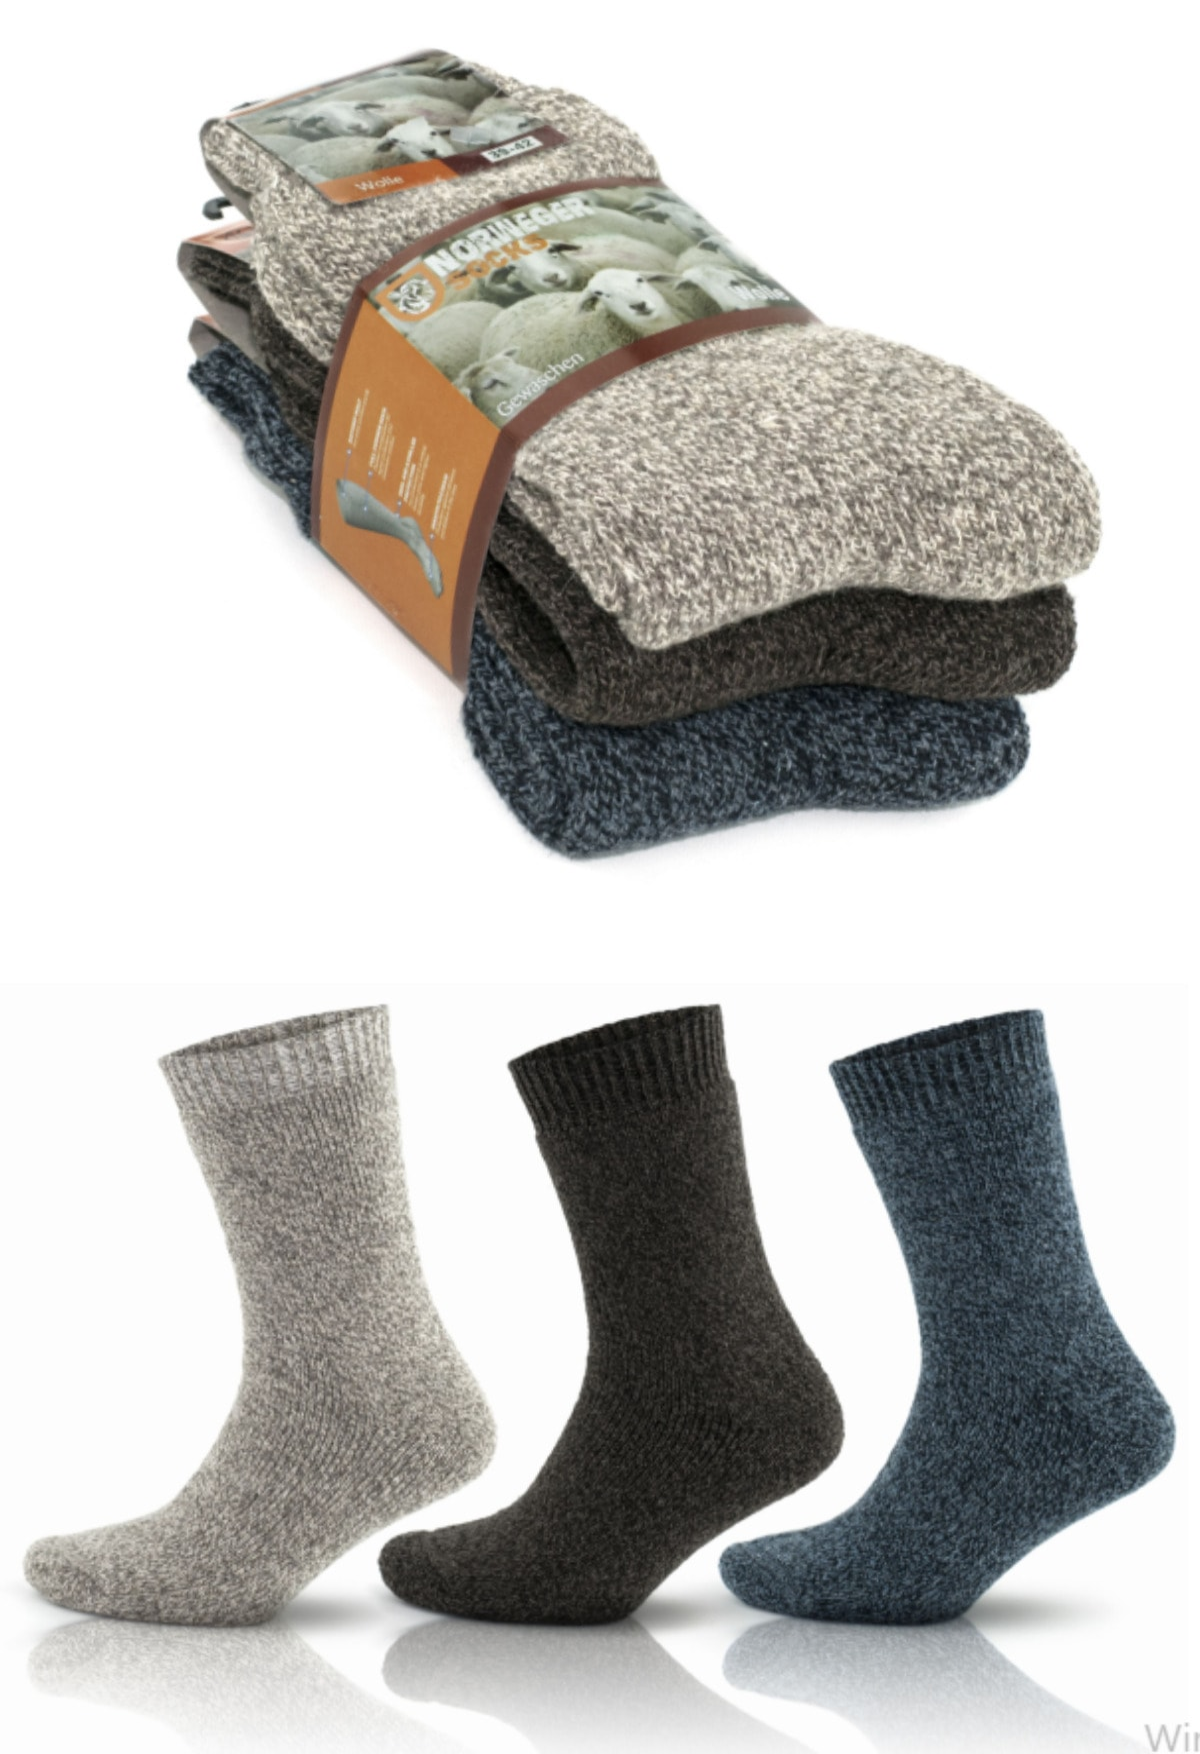 جوراب زمستانی زنانه حرارتی 3ست برند socksbox کد 1610186882